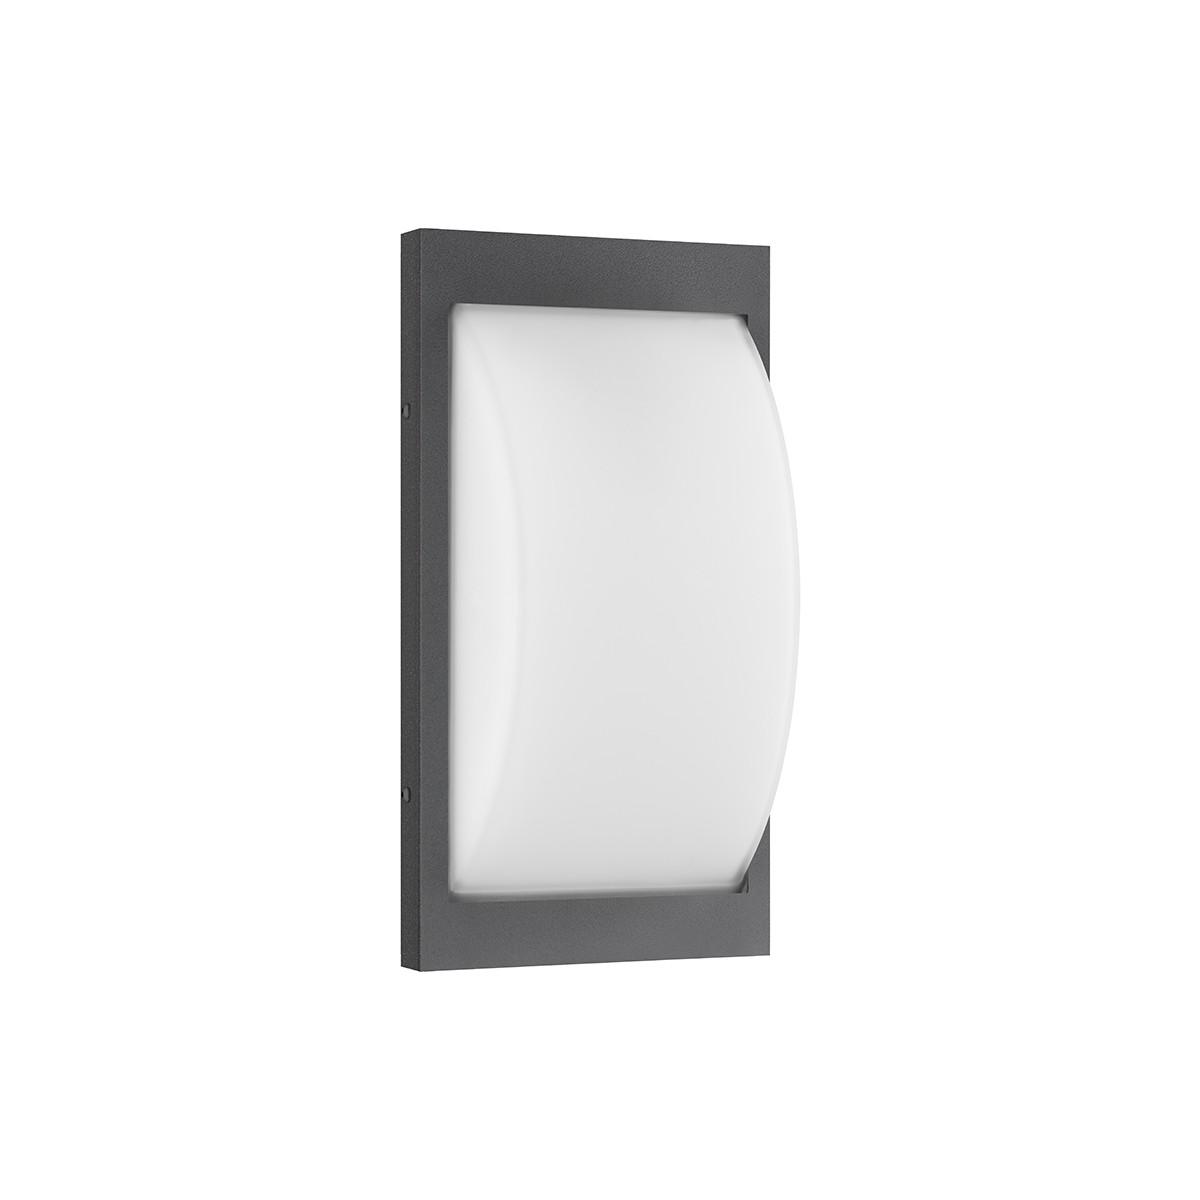 LCD Außenleuchten 069 Wandleuchte, graphit, ohne Bewegungsmelder